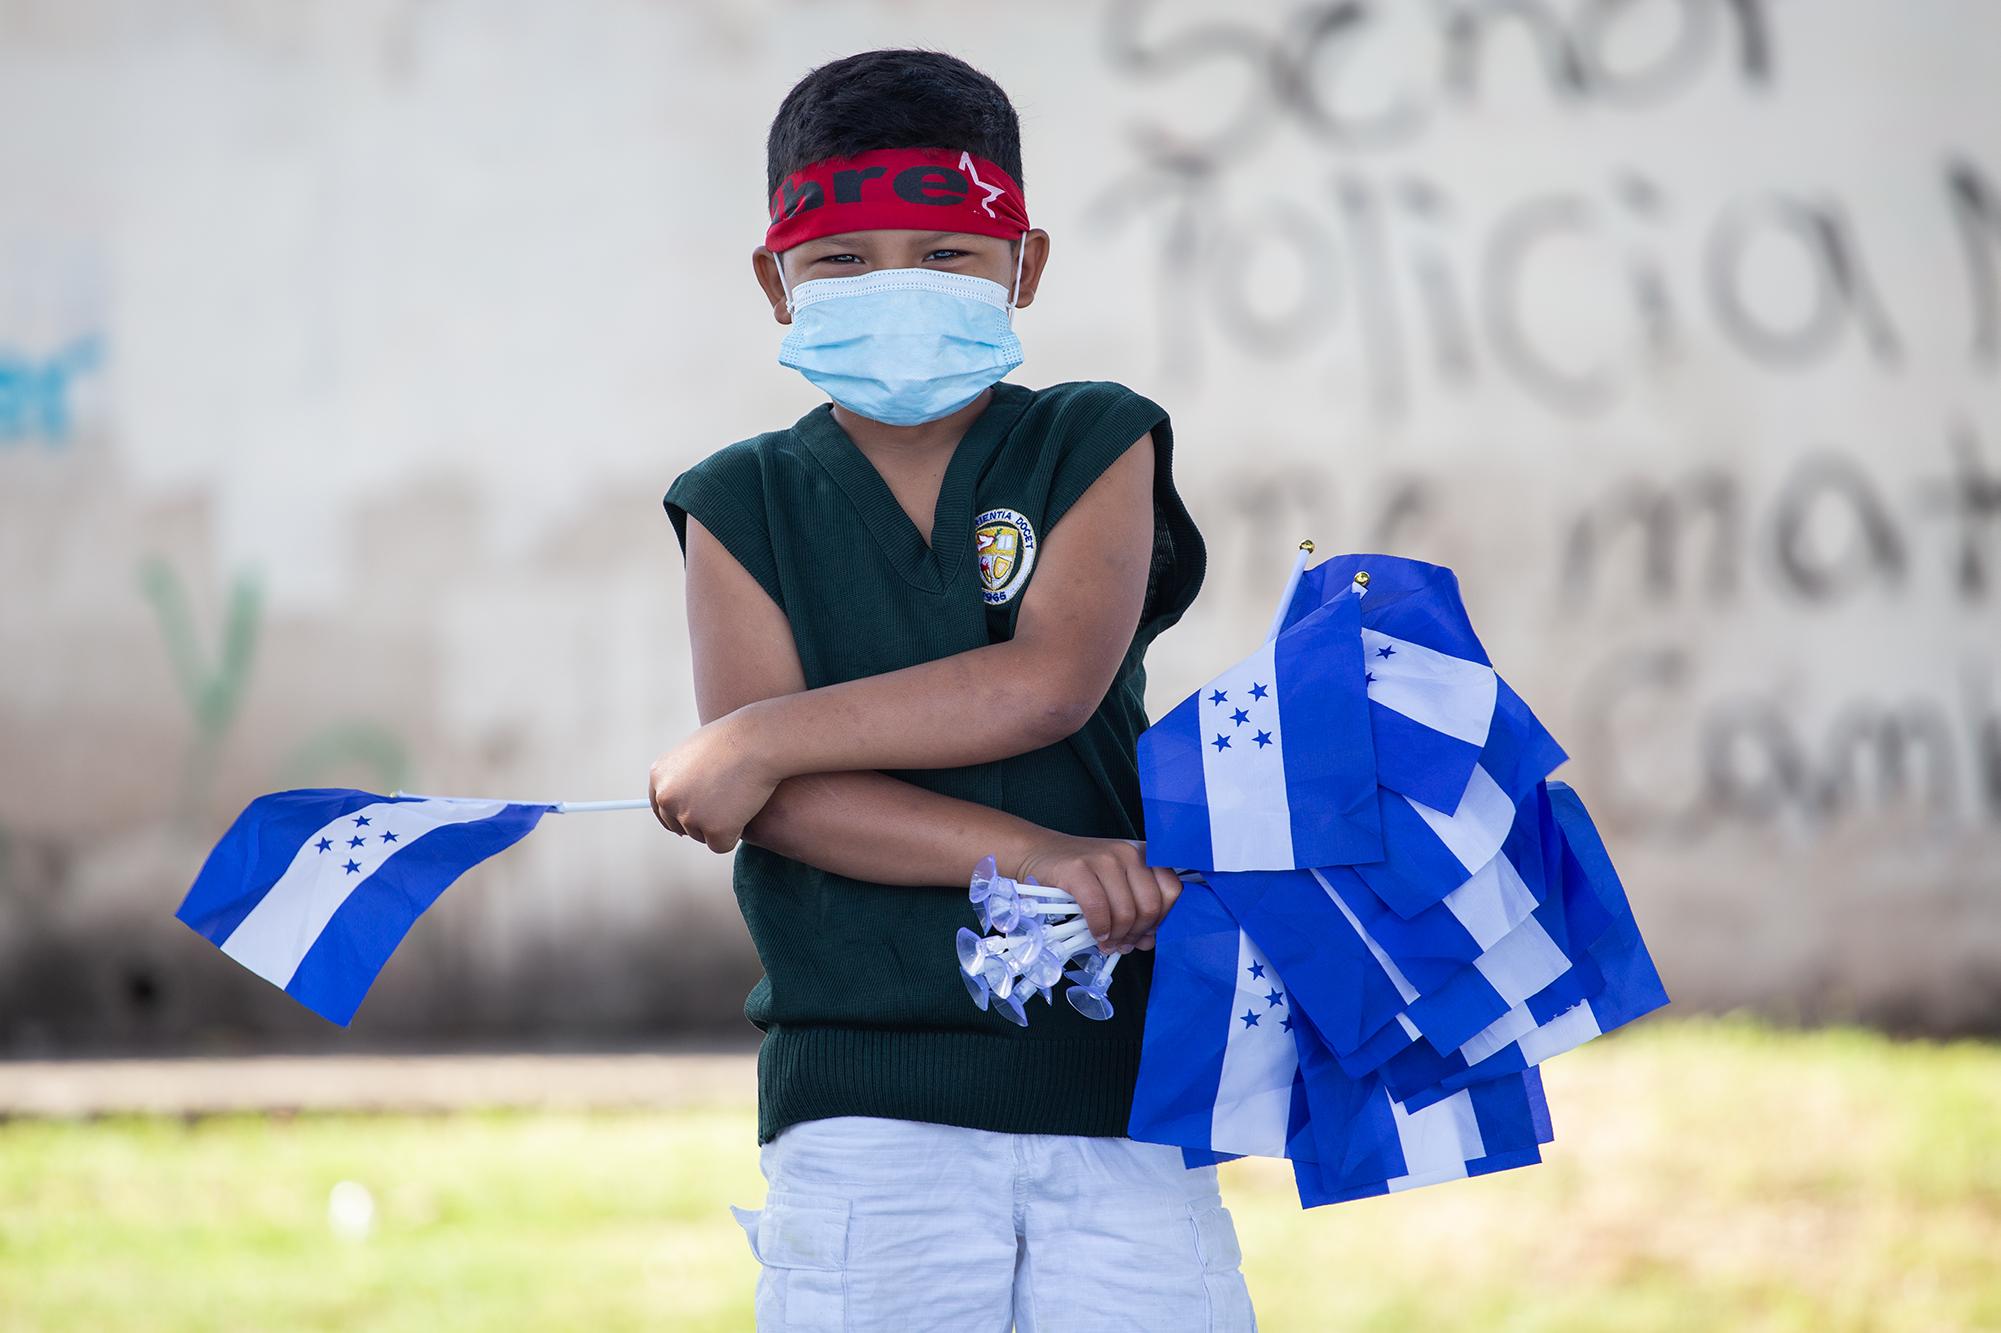 Un niño vende réplicas miniaturas de la bandera nacional durante una protesta. Tegucigalpa, 15 de septiembre de 2020. Foto: Martín Cálix.